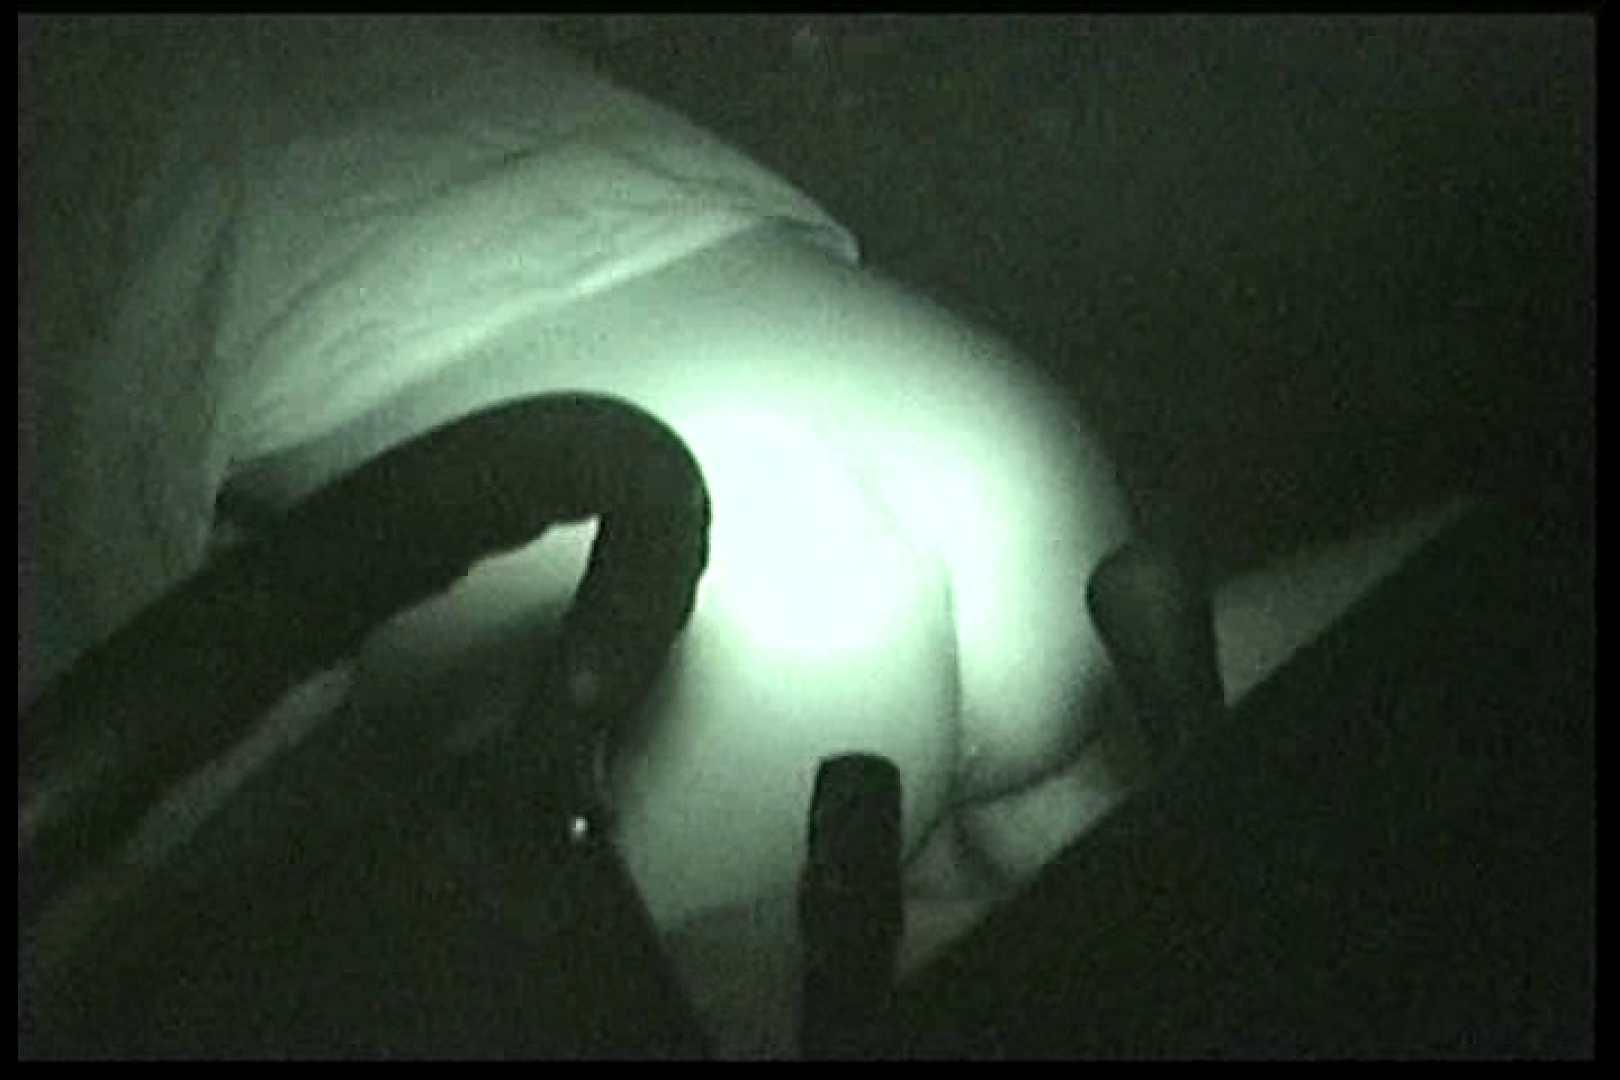 車の中はラブホテル 無修正版  Vol.14 ホテル 盗み撮り動画キャプチャ 100画像 34